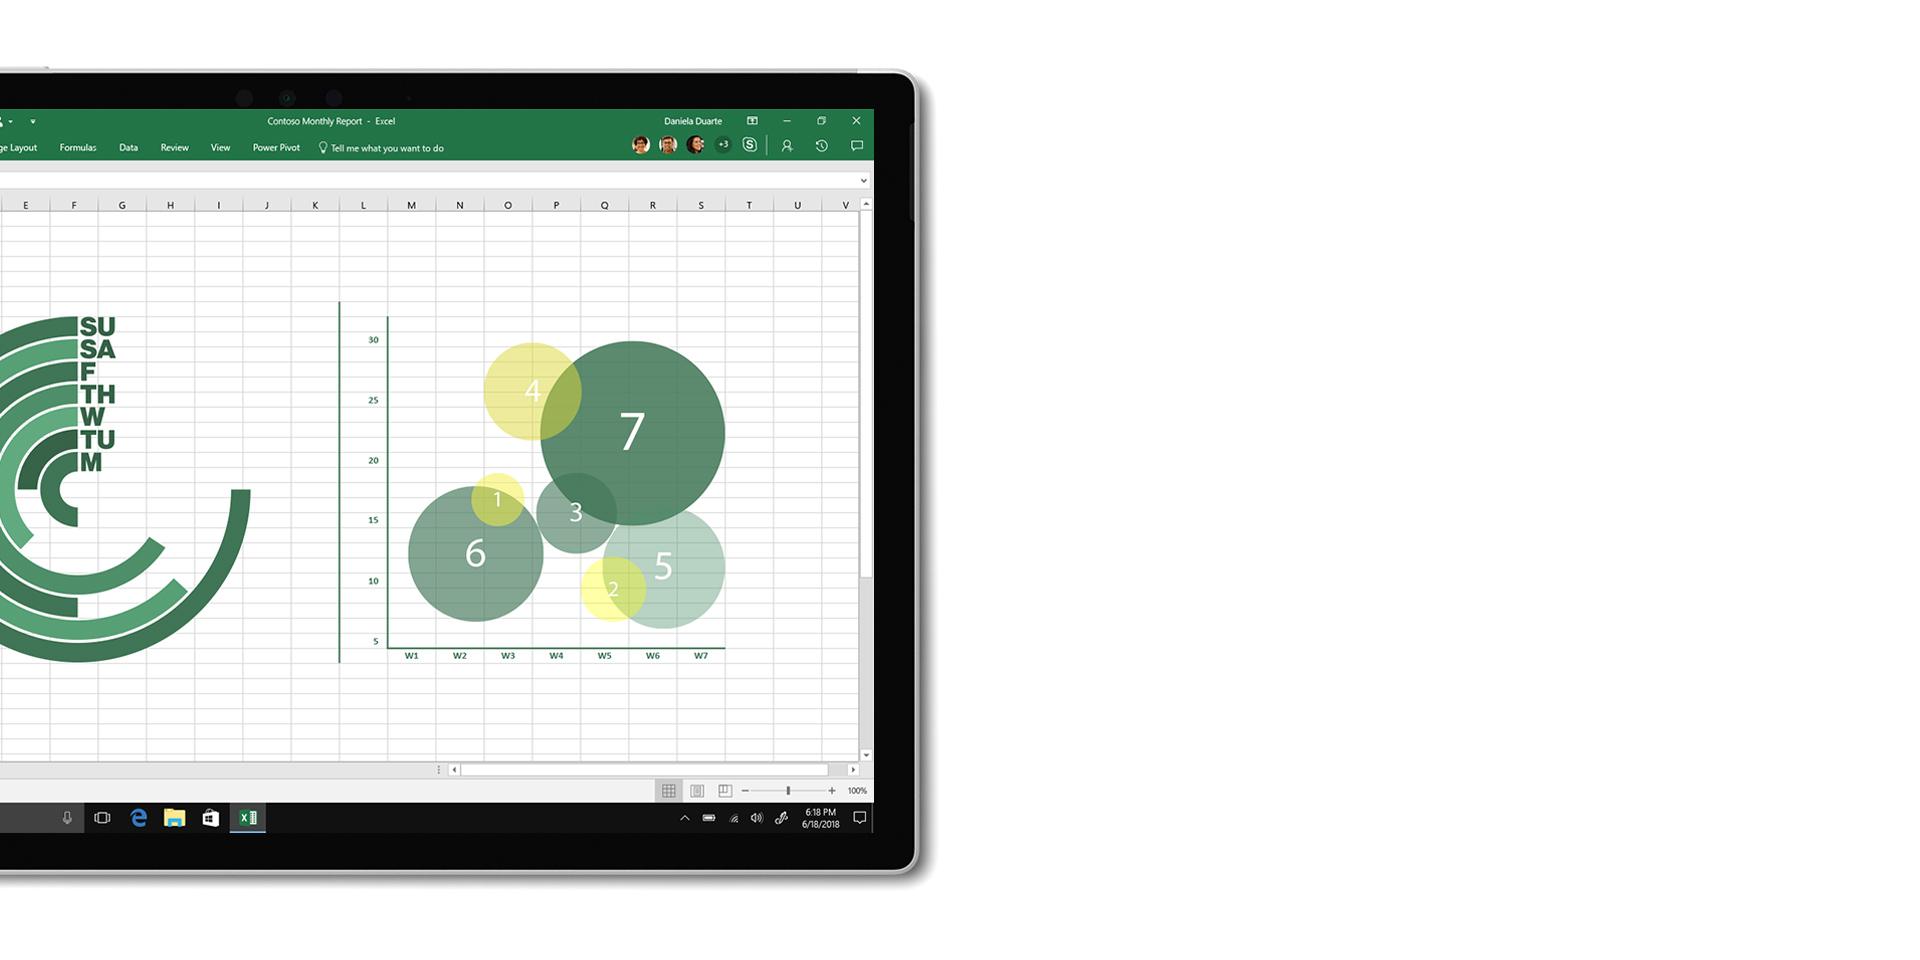 Excel-app weergegeven op scherm van Surface Book 2, losgekoppeld van toetsenbord.